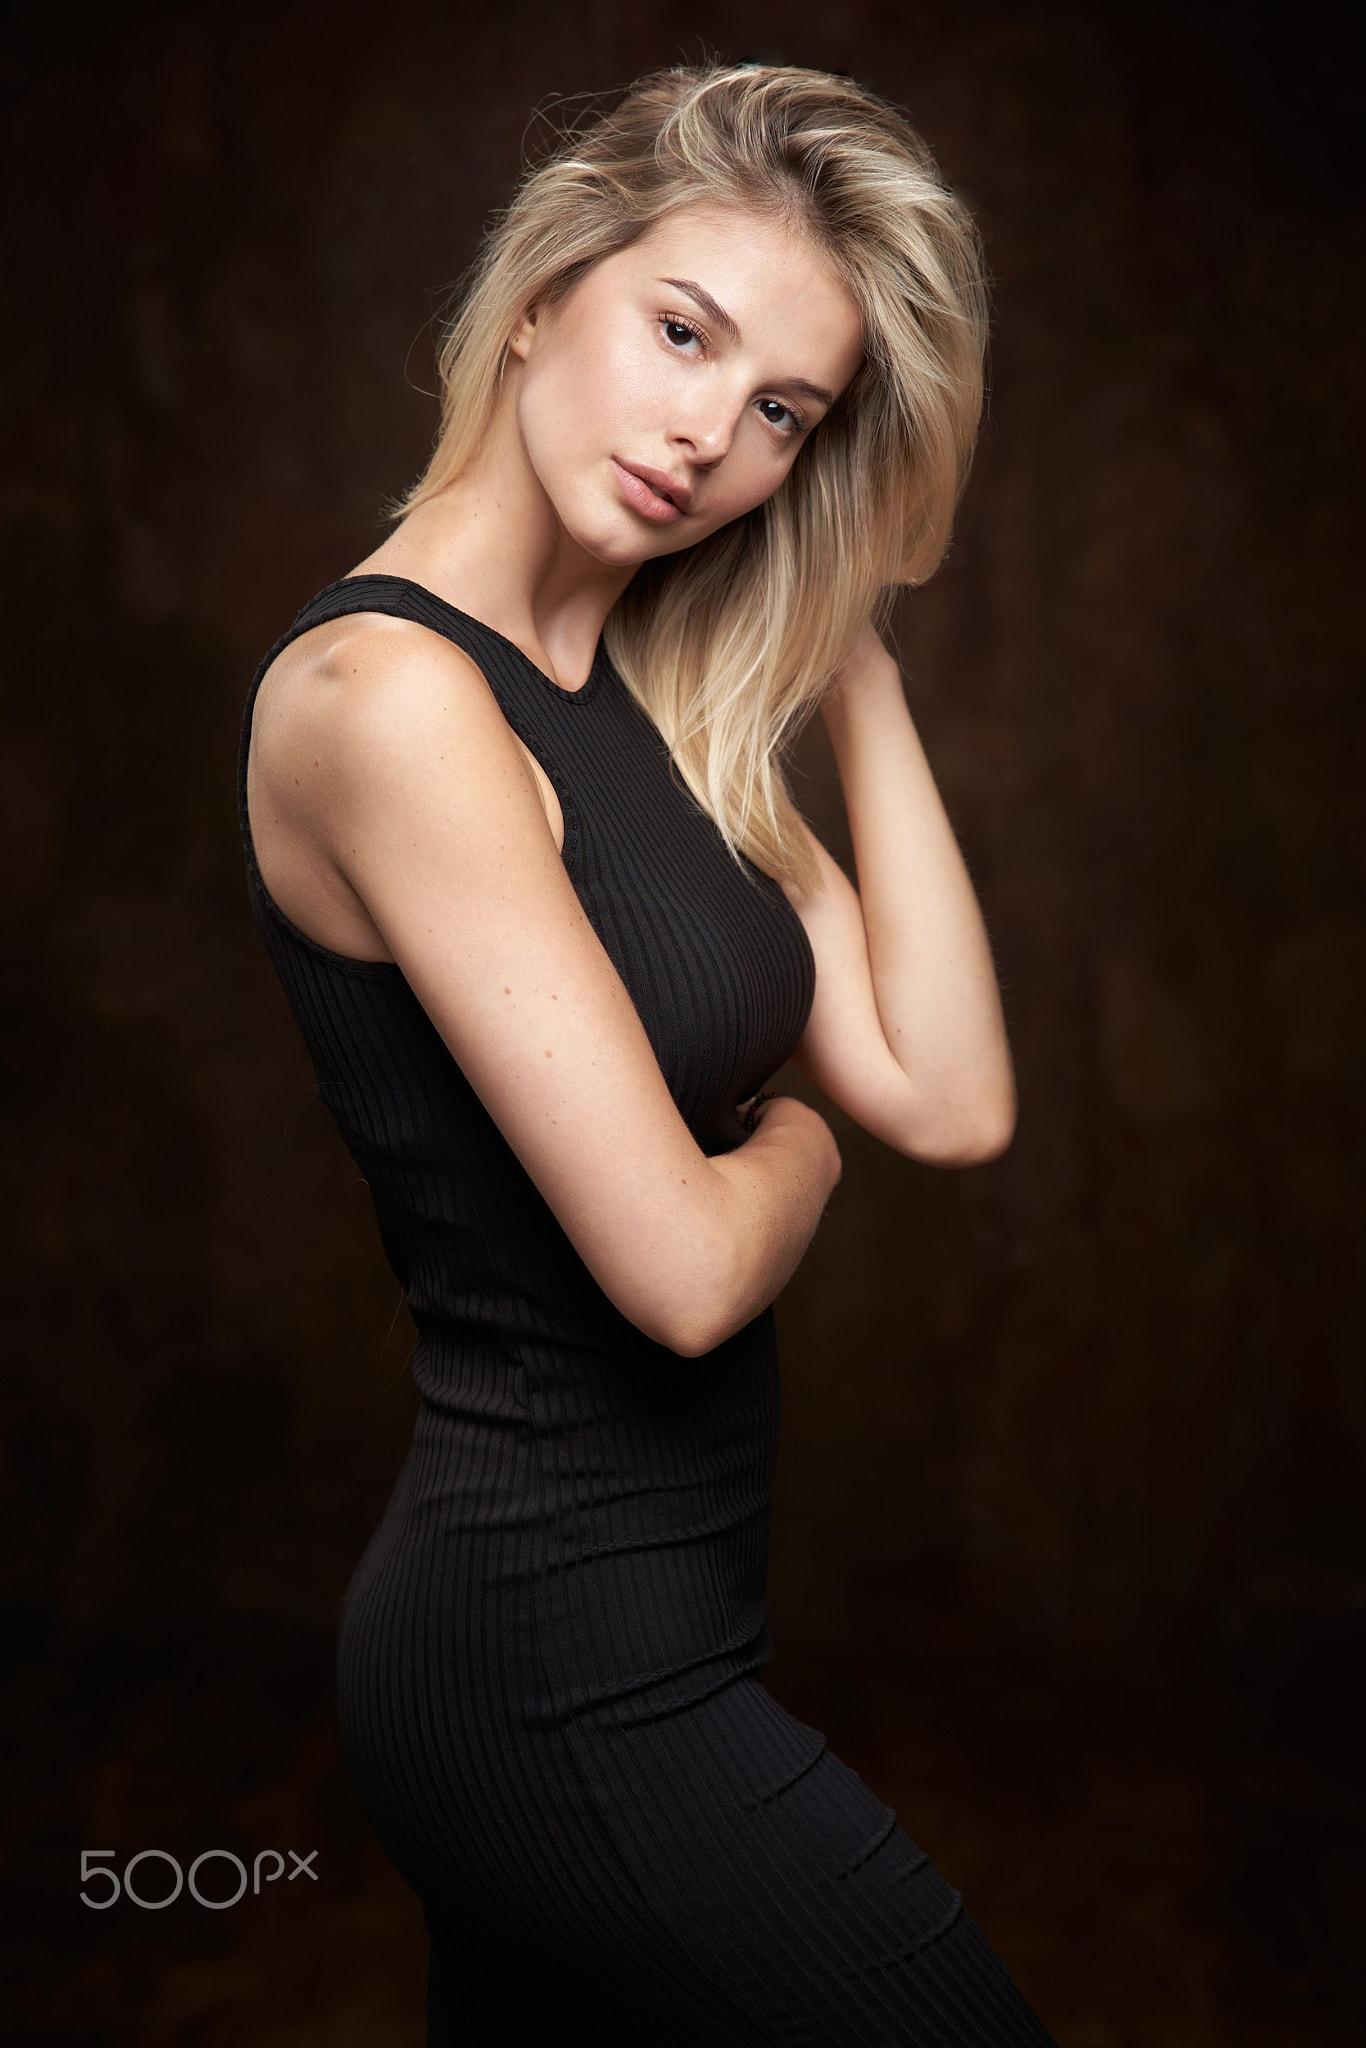 Alexander Vinogradov Women Blonde Long Hair Looking At Viewer Dress Black Clothing Simple Background 1366x2048